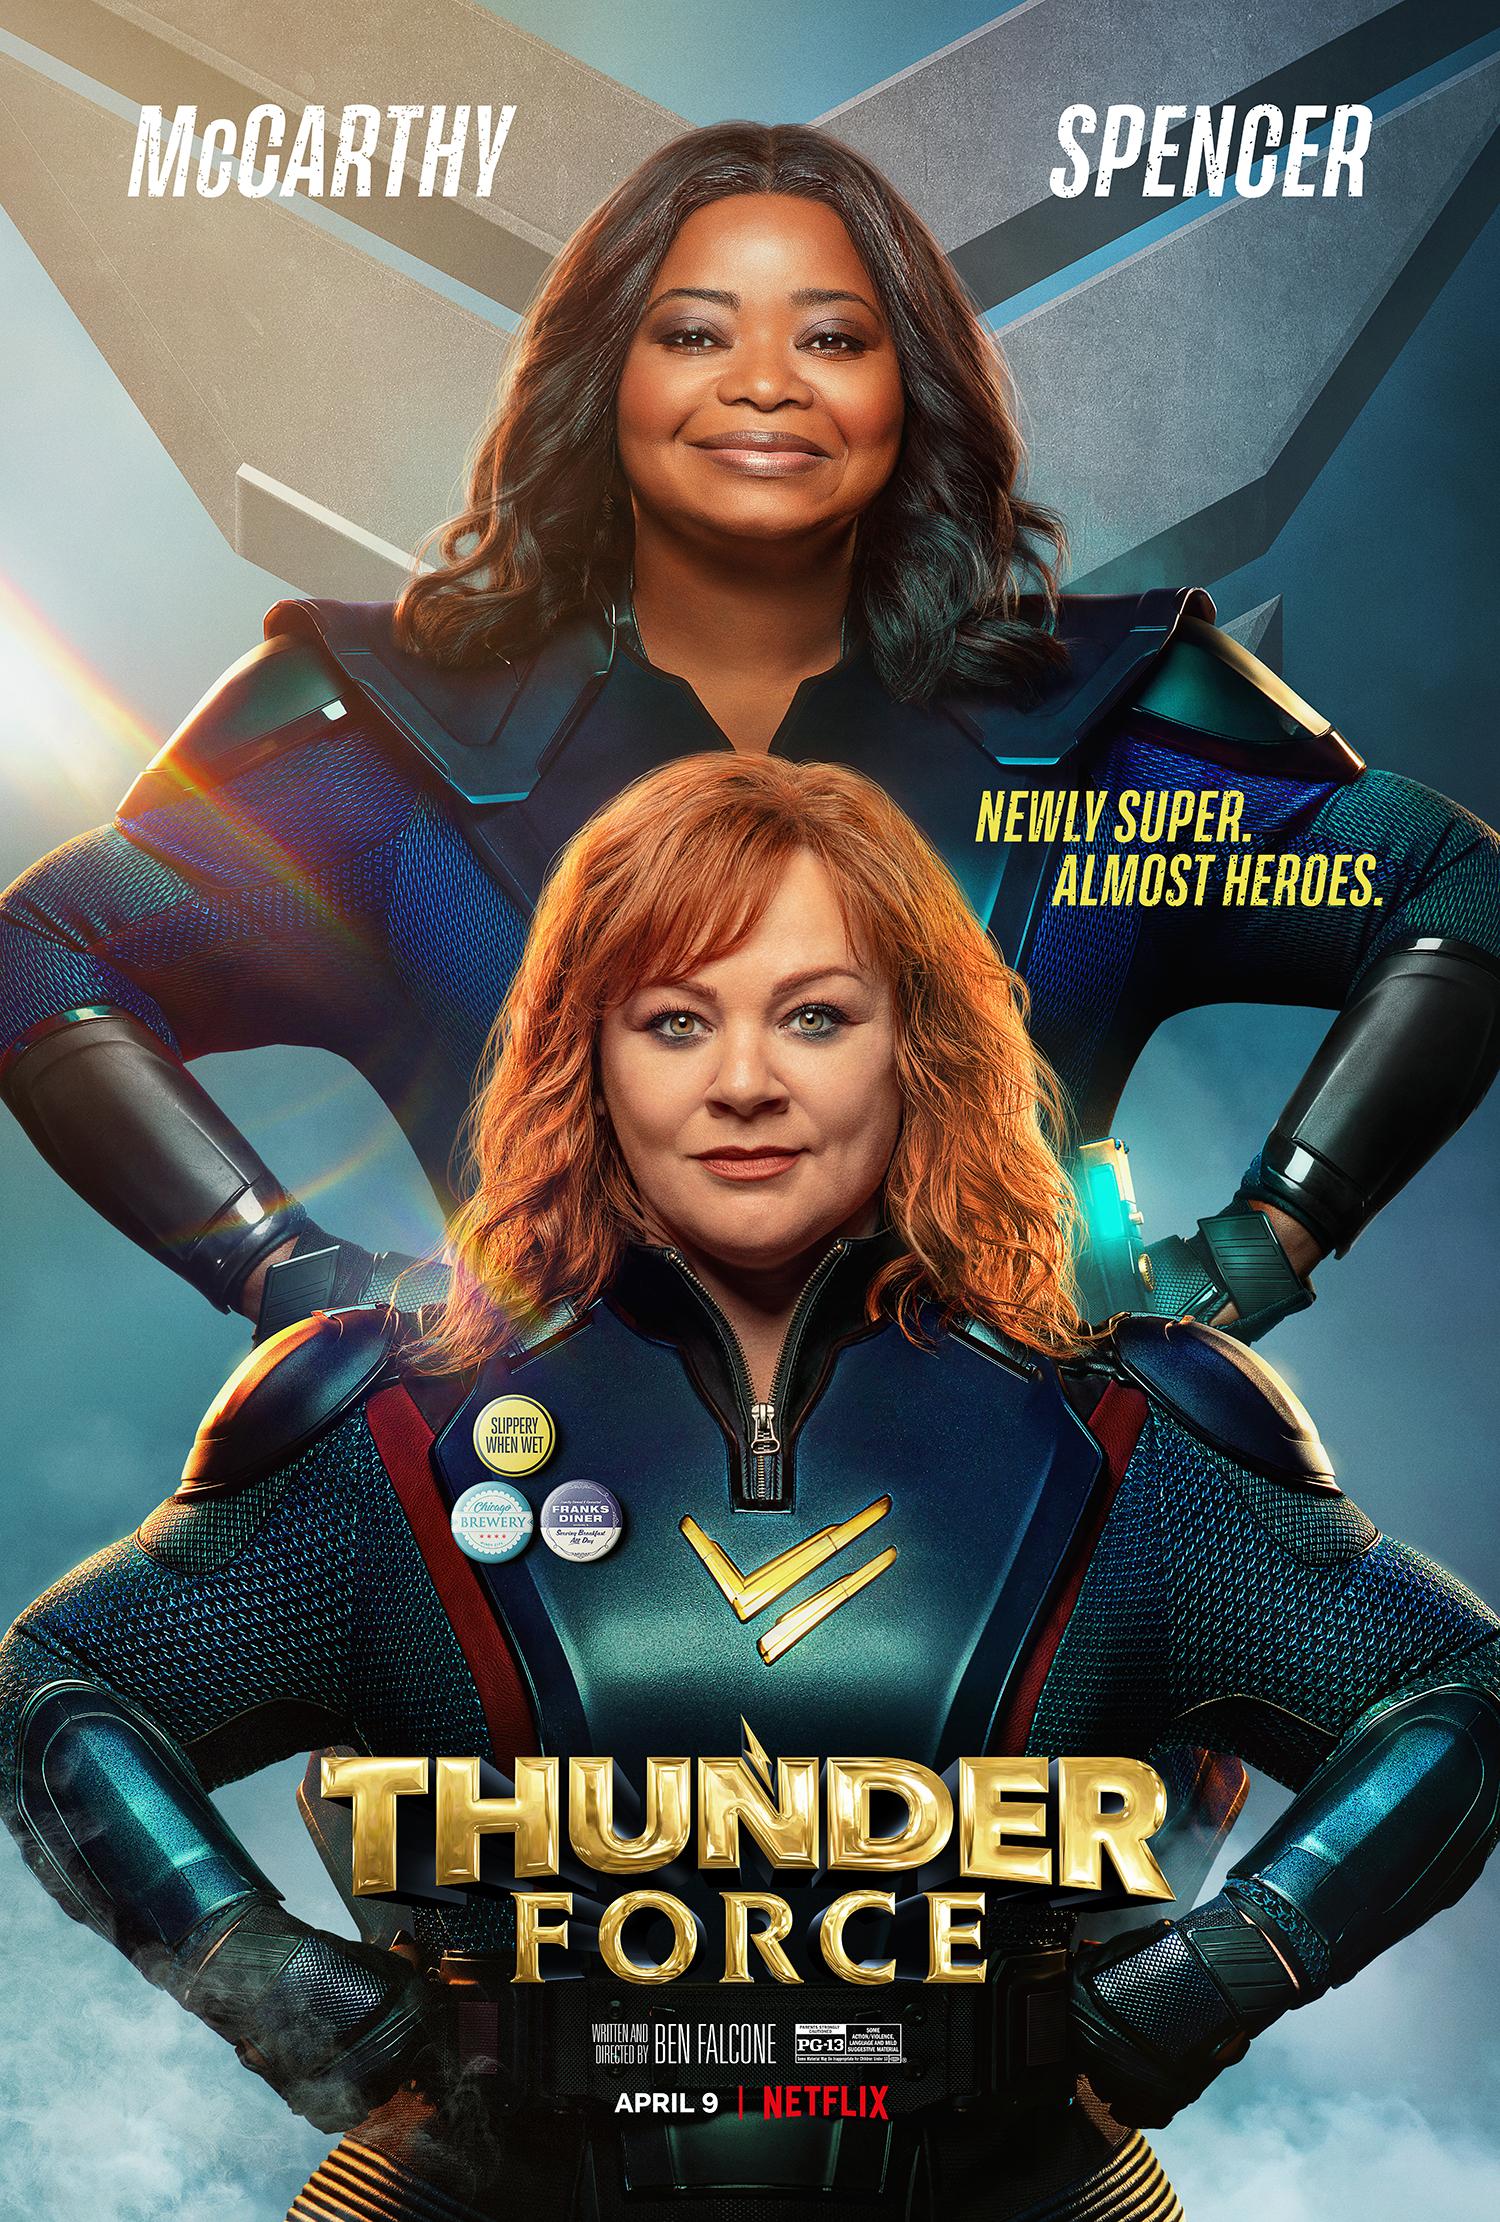 ดูหนัง Thunder Force (2021) ธันเดอร์ฟอร์ซ ขบวนการฮีโร่ฟาดฟ้า